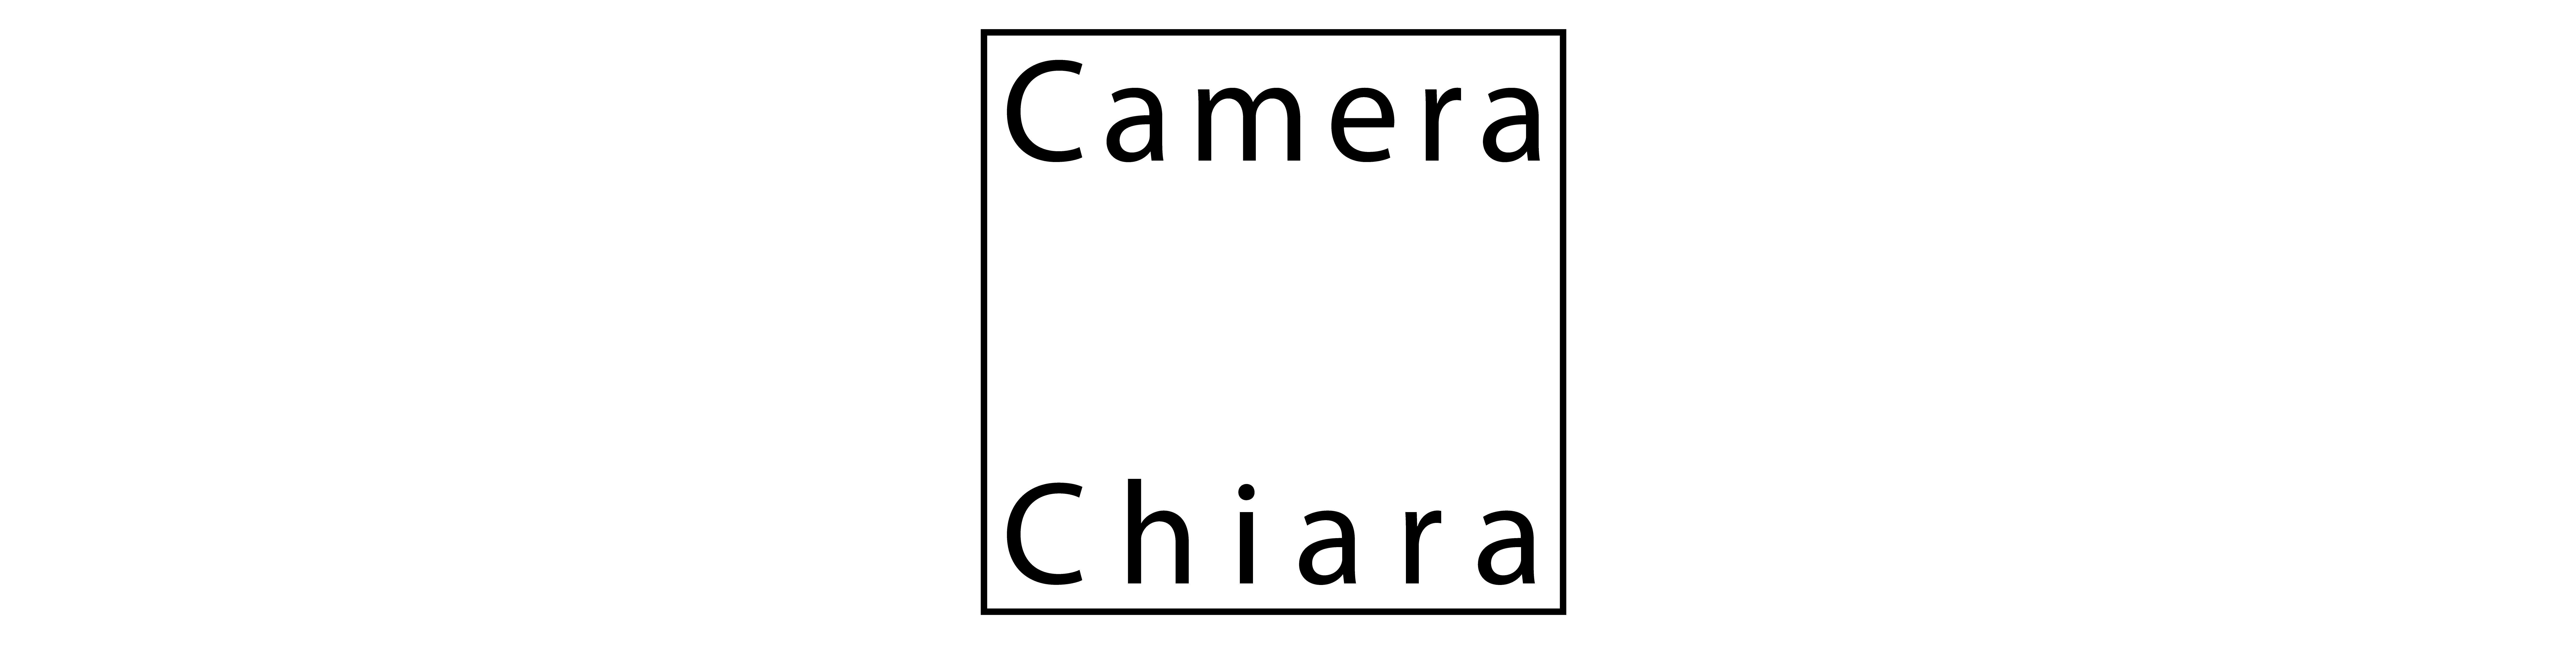 Scuola di Fotografia Camera chiara